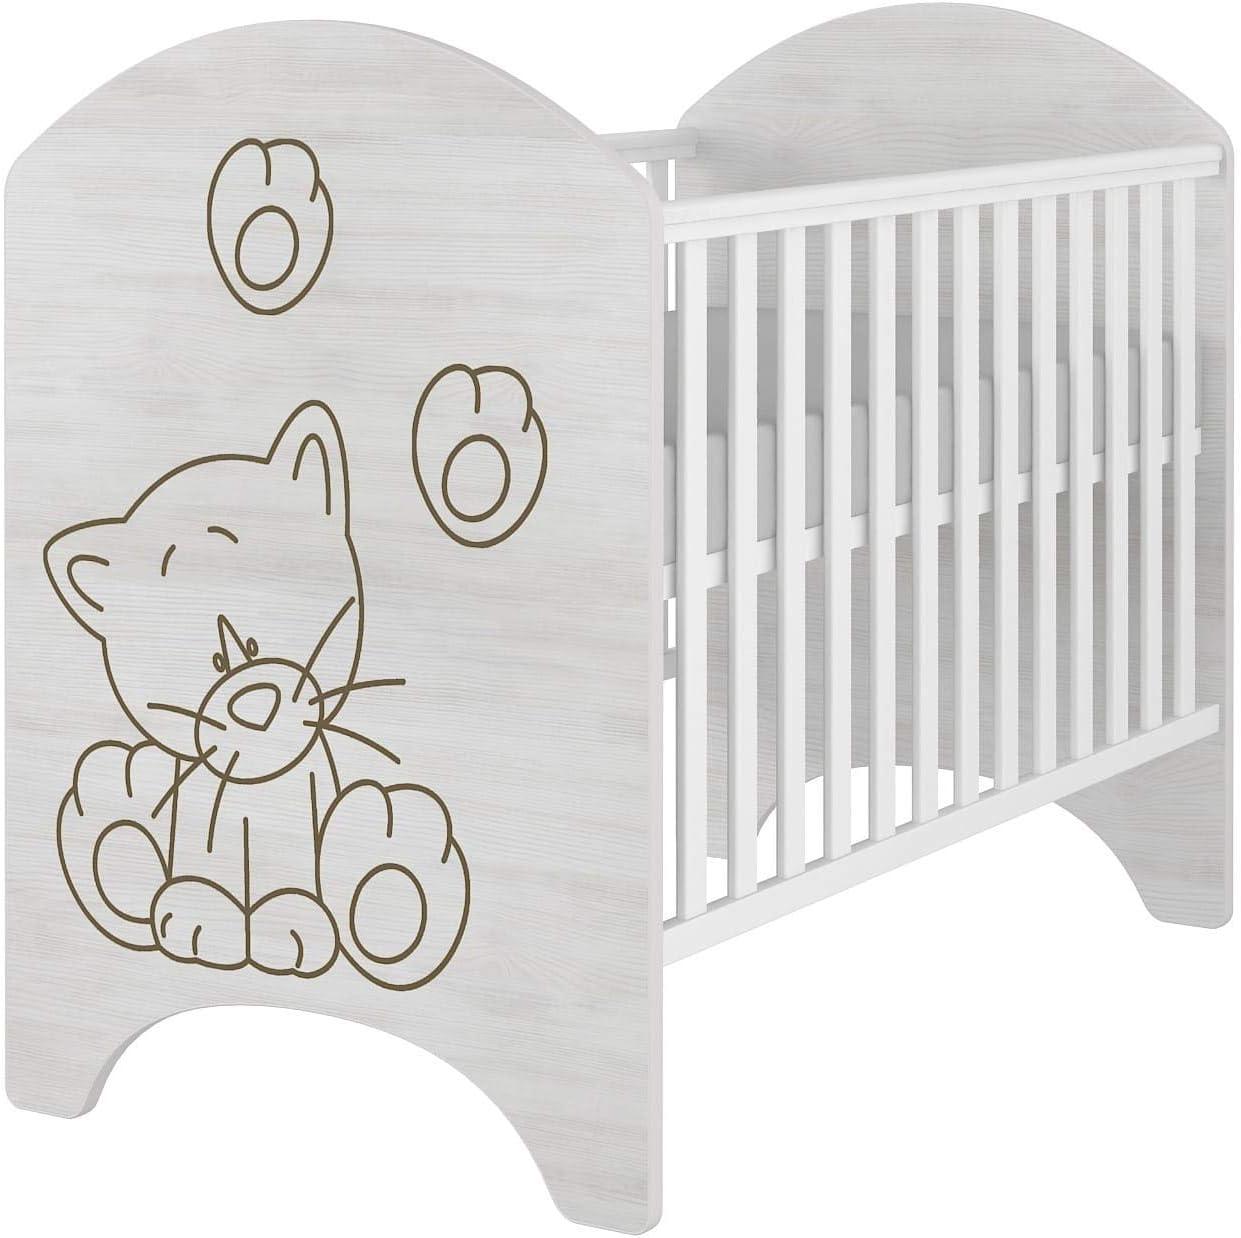 iGLOBAL Cuna para beb/é con rejilla colch/ón de espuma de 3 alturas y fibras de coco de 120 x 60 cm blanco Blue Kitten juego completo con 2 pelda/ños